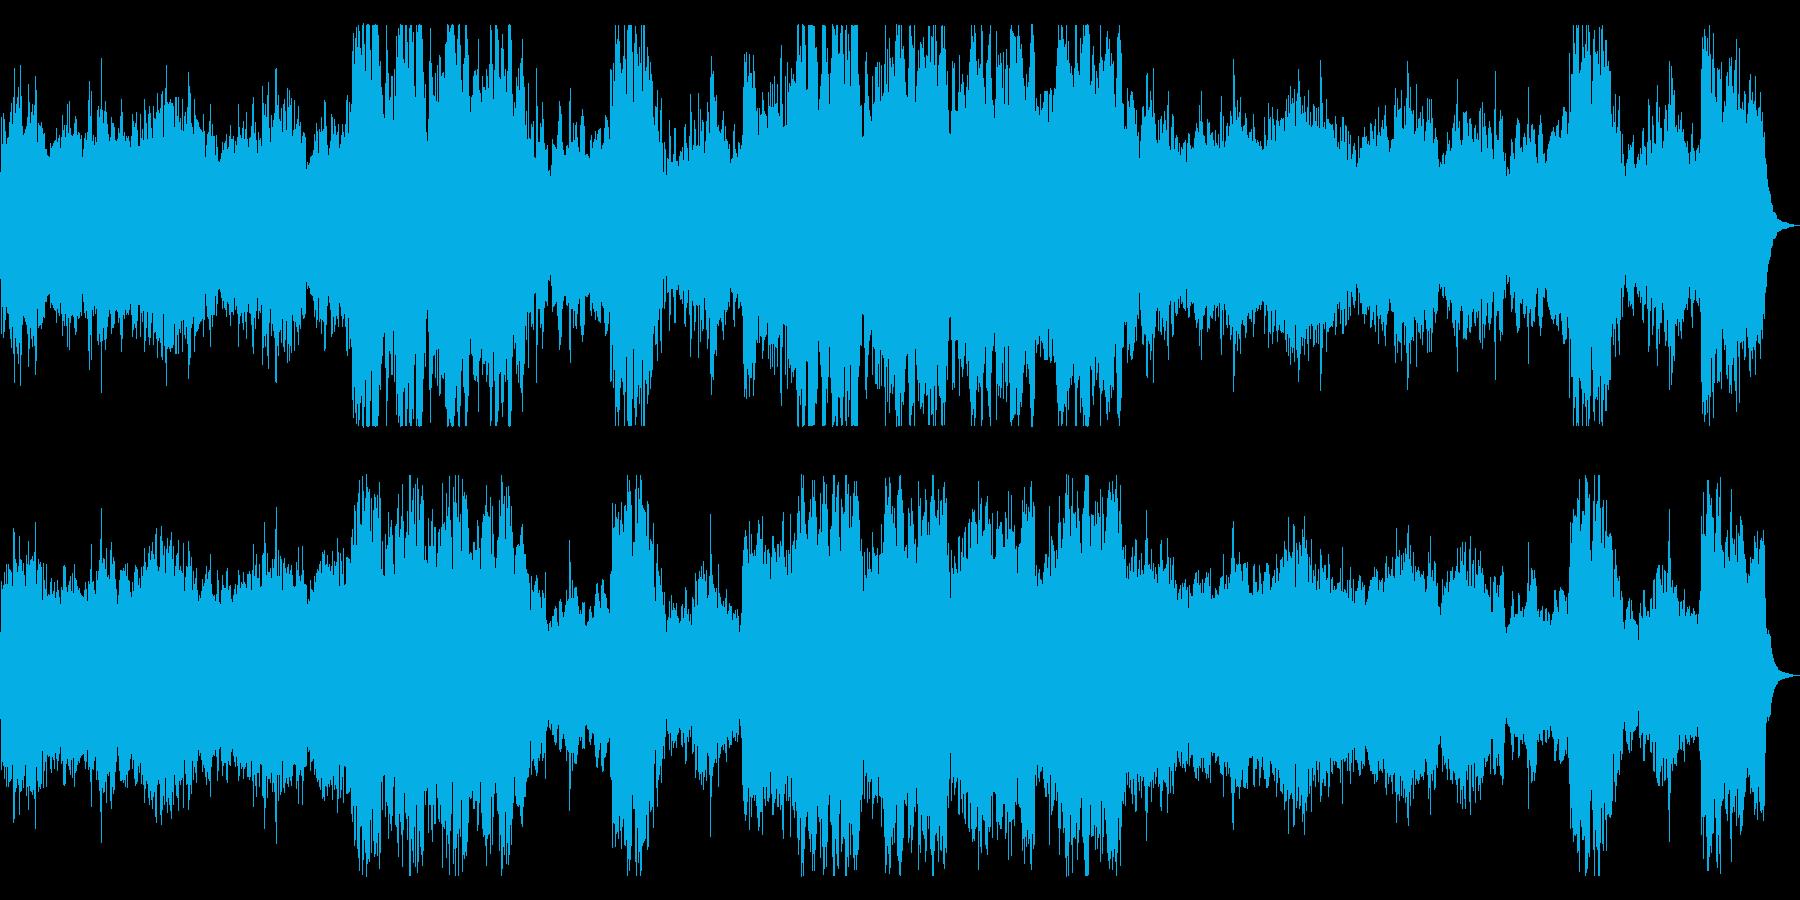 ダークな宇宙、銀河 SF向けBGMの再生済みの波形